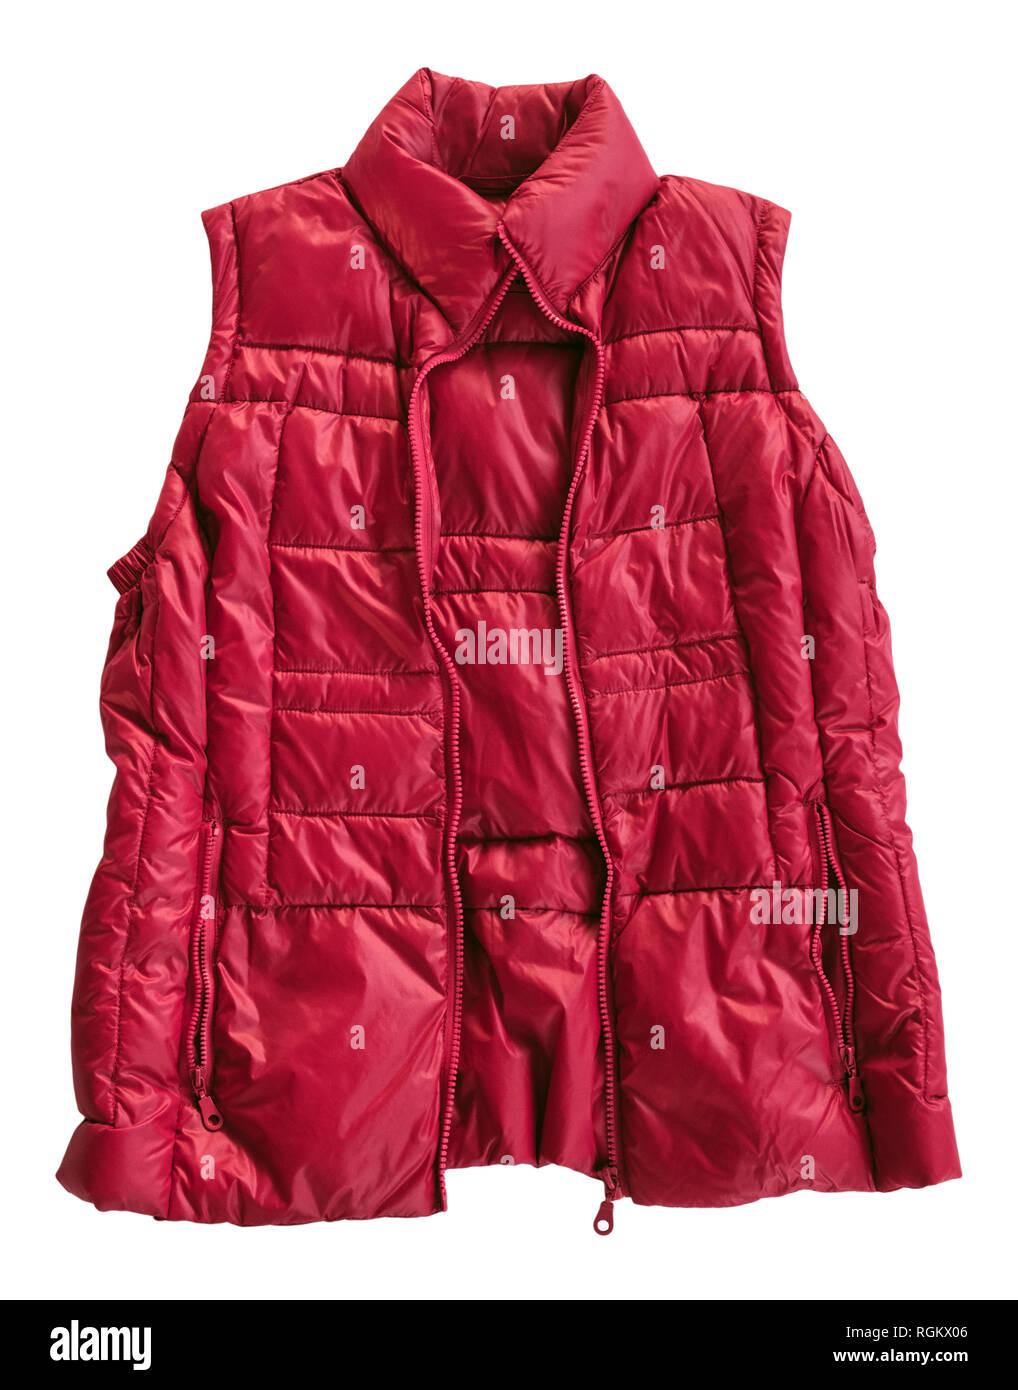 Abajo aislado gilet rojo brillante chaleco sin mangas Chaleco Chaqueta chaleco recorte y aislado en un fondo blanco. Inglaterra Gran Bretaña Imagen De Stock